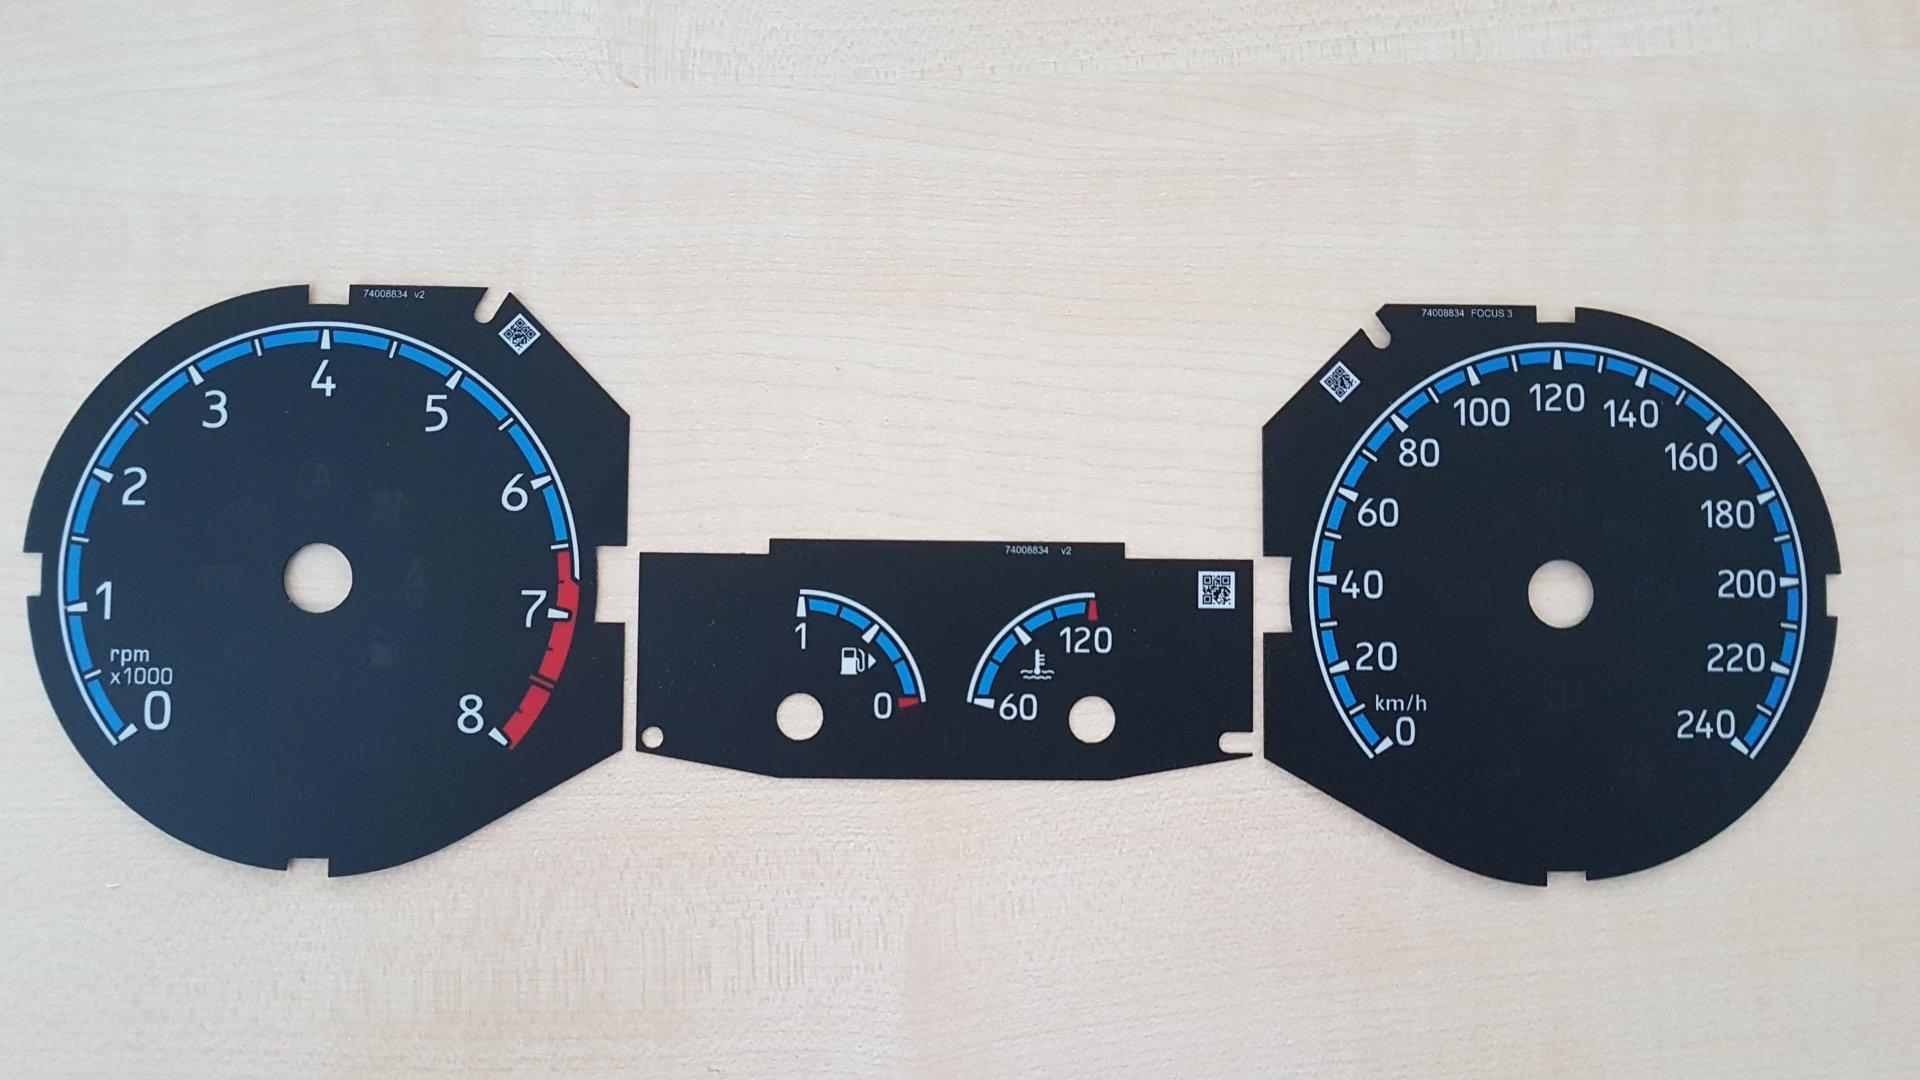 Ford Focus III (2019-04-18) - Tachoscheiben im RS-Design (Kreis blau, Zeiger blau).jpg